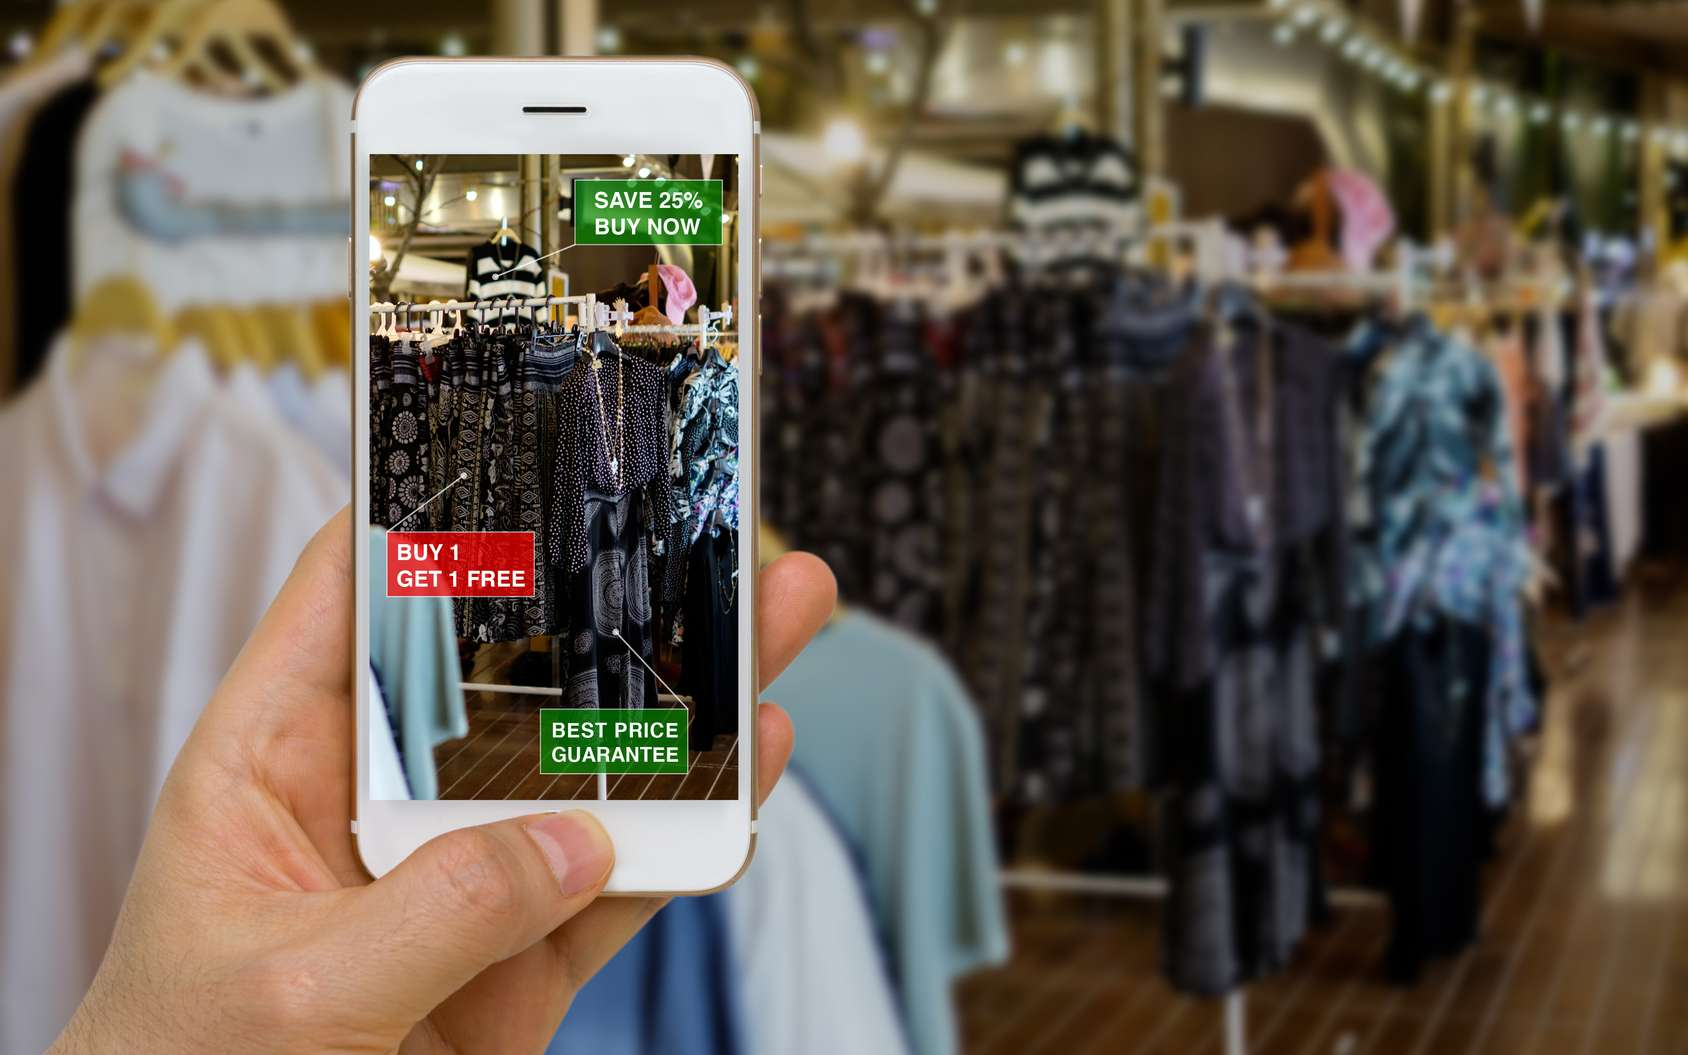 La réalité augmentée incruste des images et des sons virtuels dans le monde réel pour le transformer ou apporter des informations complémentaires. © supparsorn, Fotolia